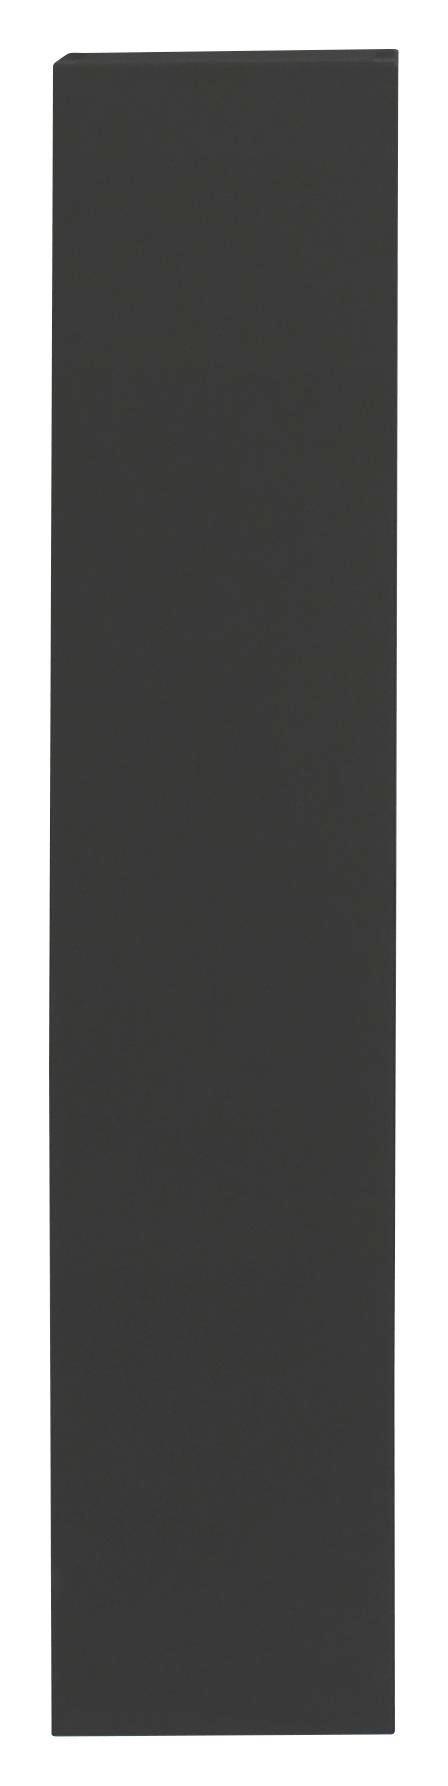 HÄNGEELEMENT Anthrazit - Anthrazit, Design, Holzwerkstoff (139/29/31cm) - Carryhome